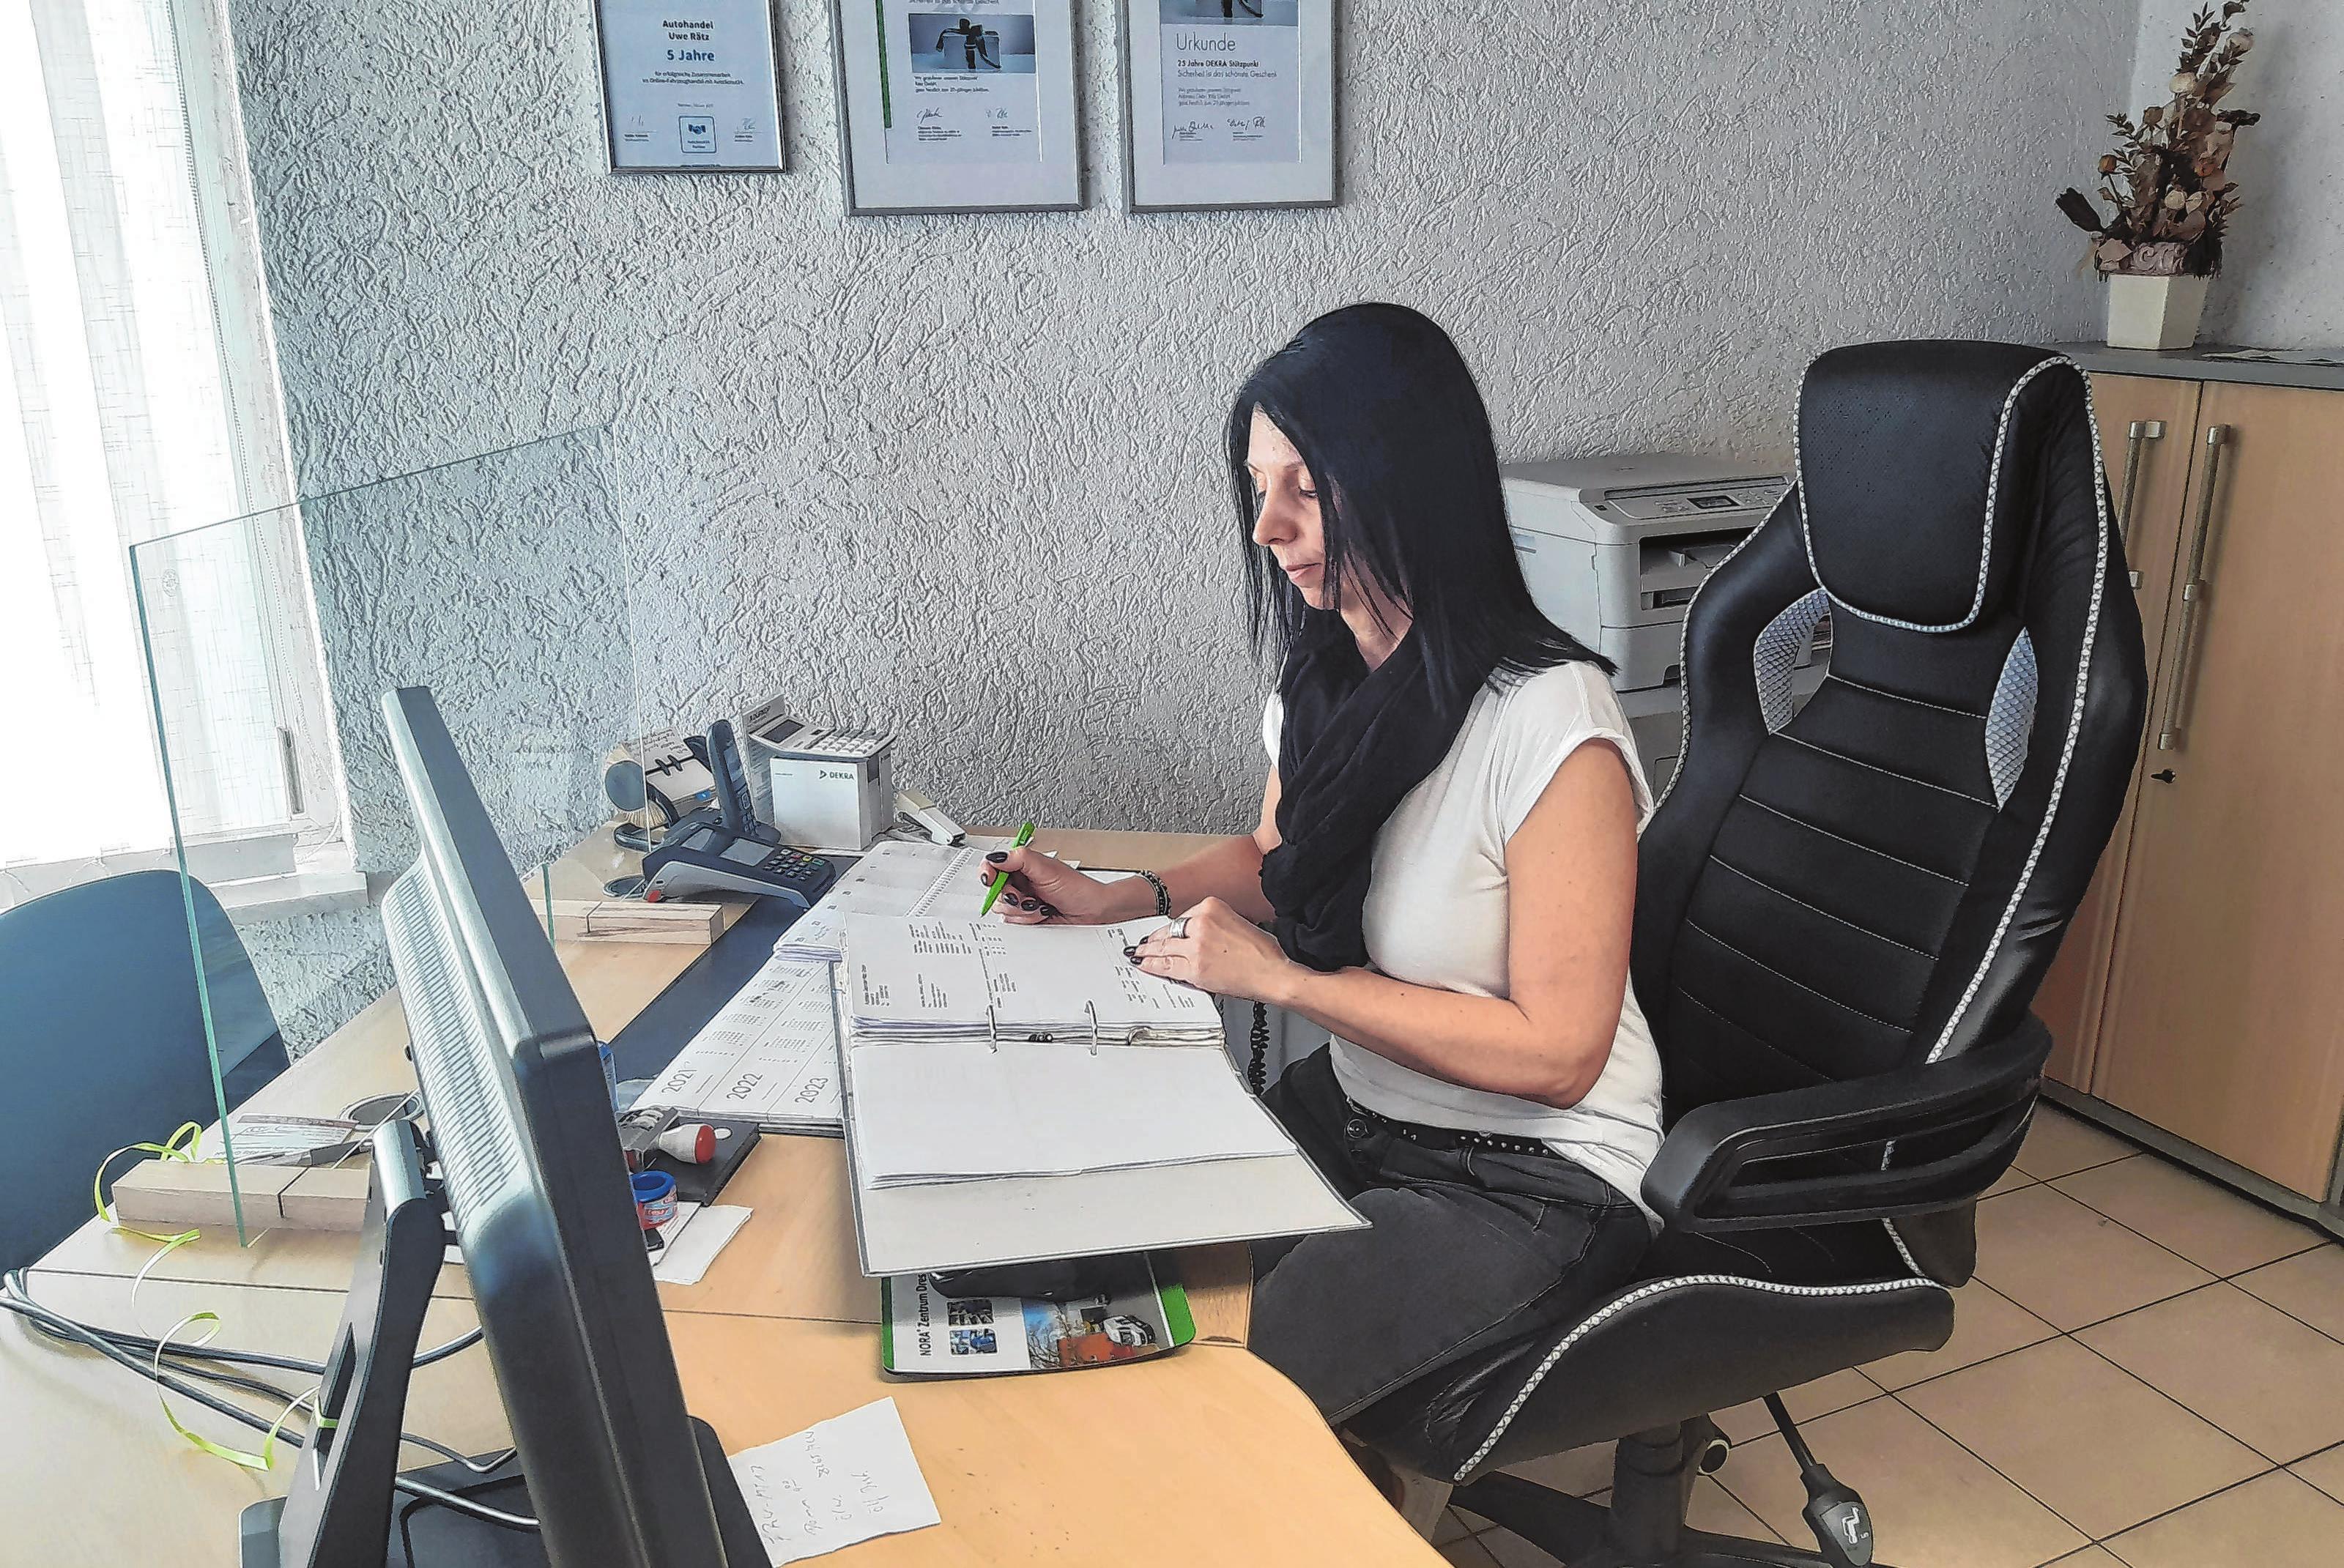 Bei ihr laufen viele Fäden zusammen. Im Büro kümmert sich Kerstin Rätz darum, dass das Geschäft läuft.